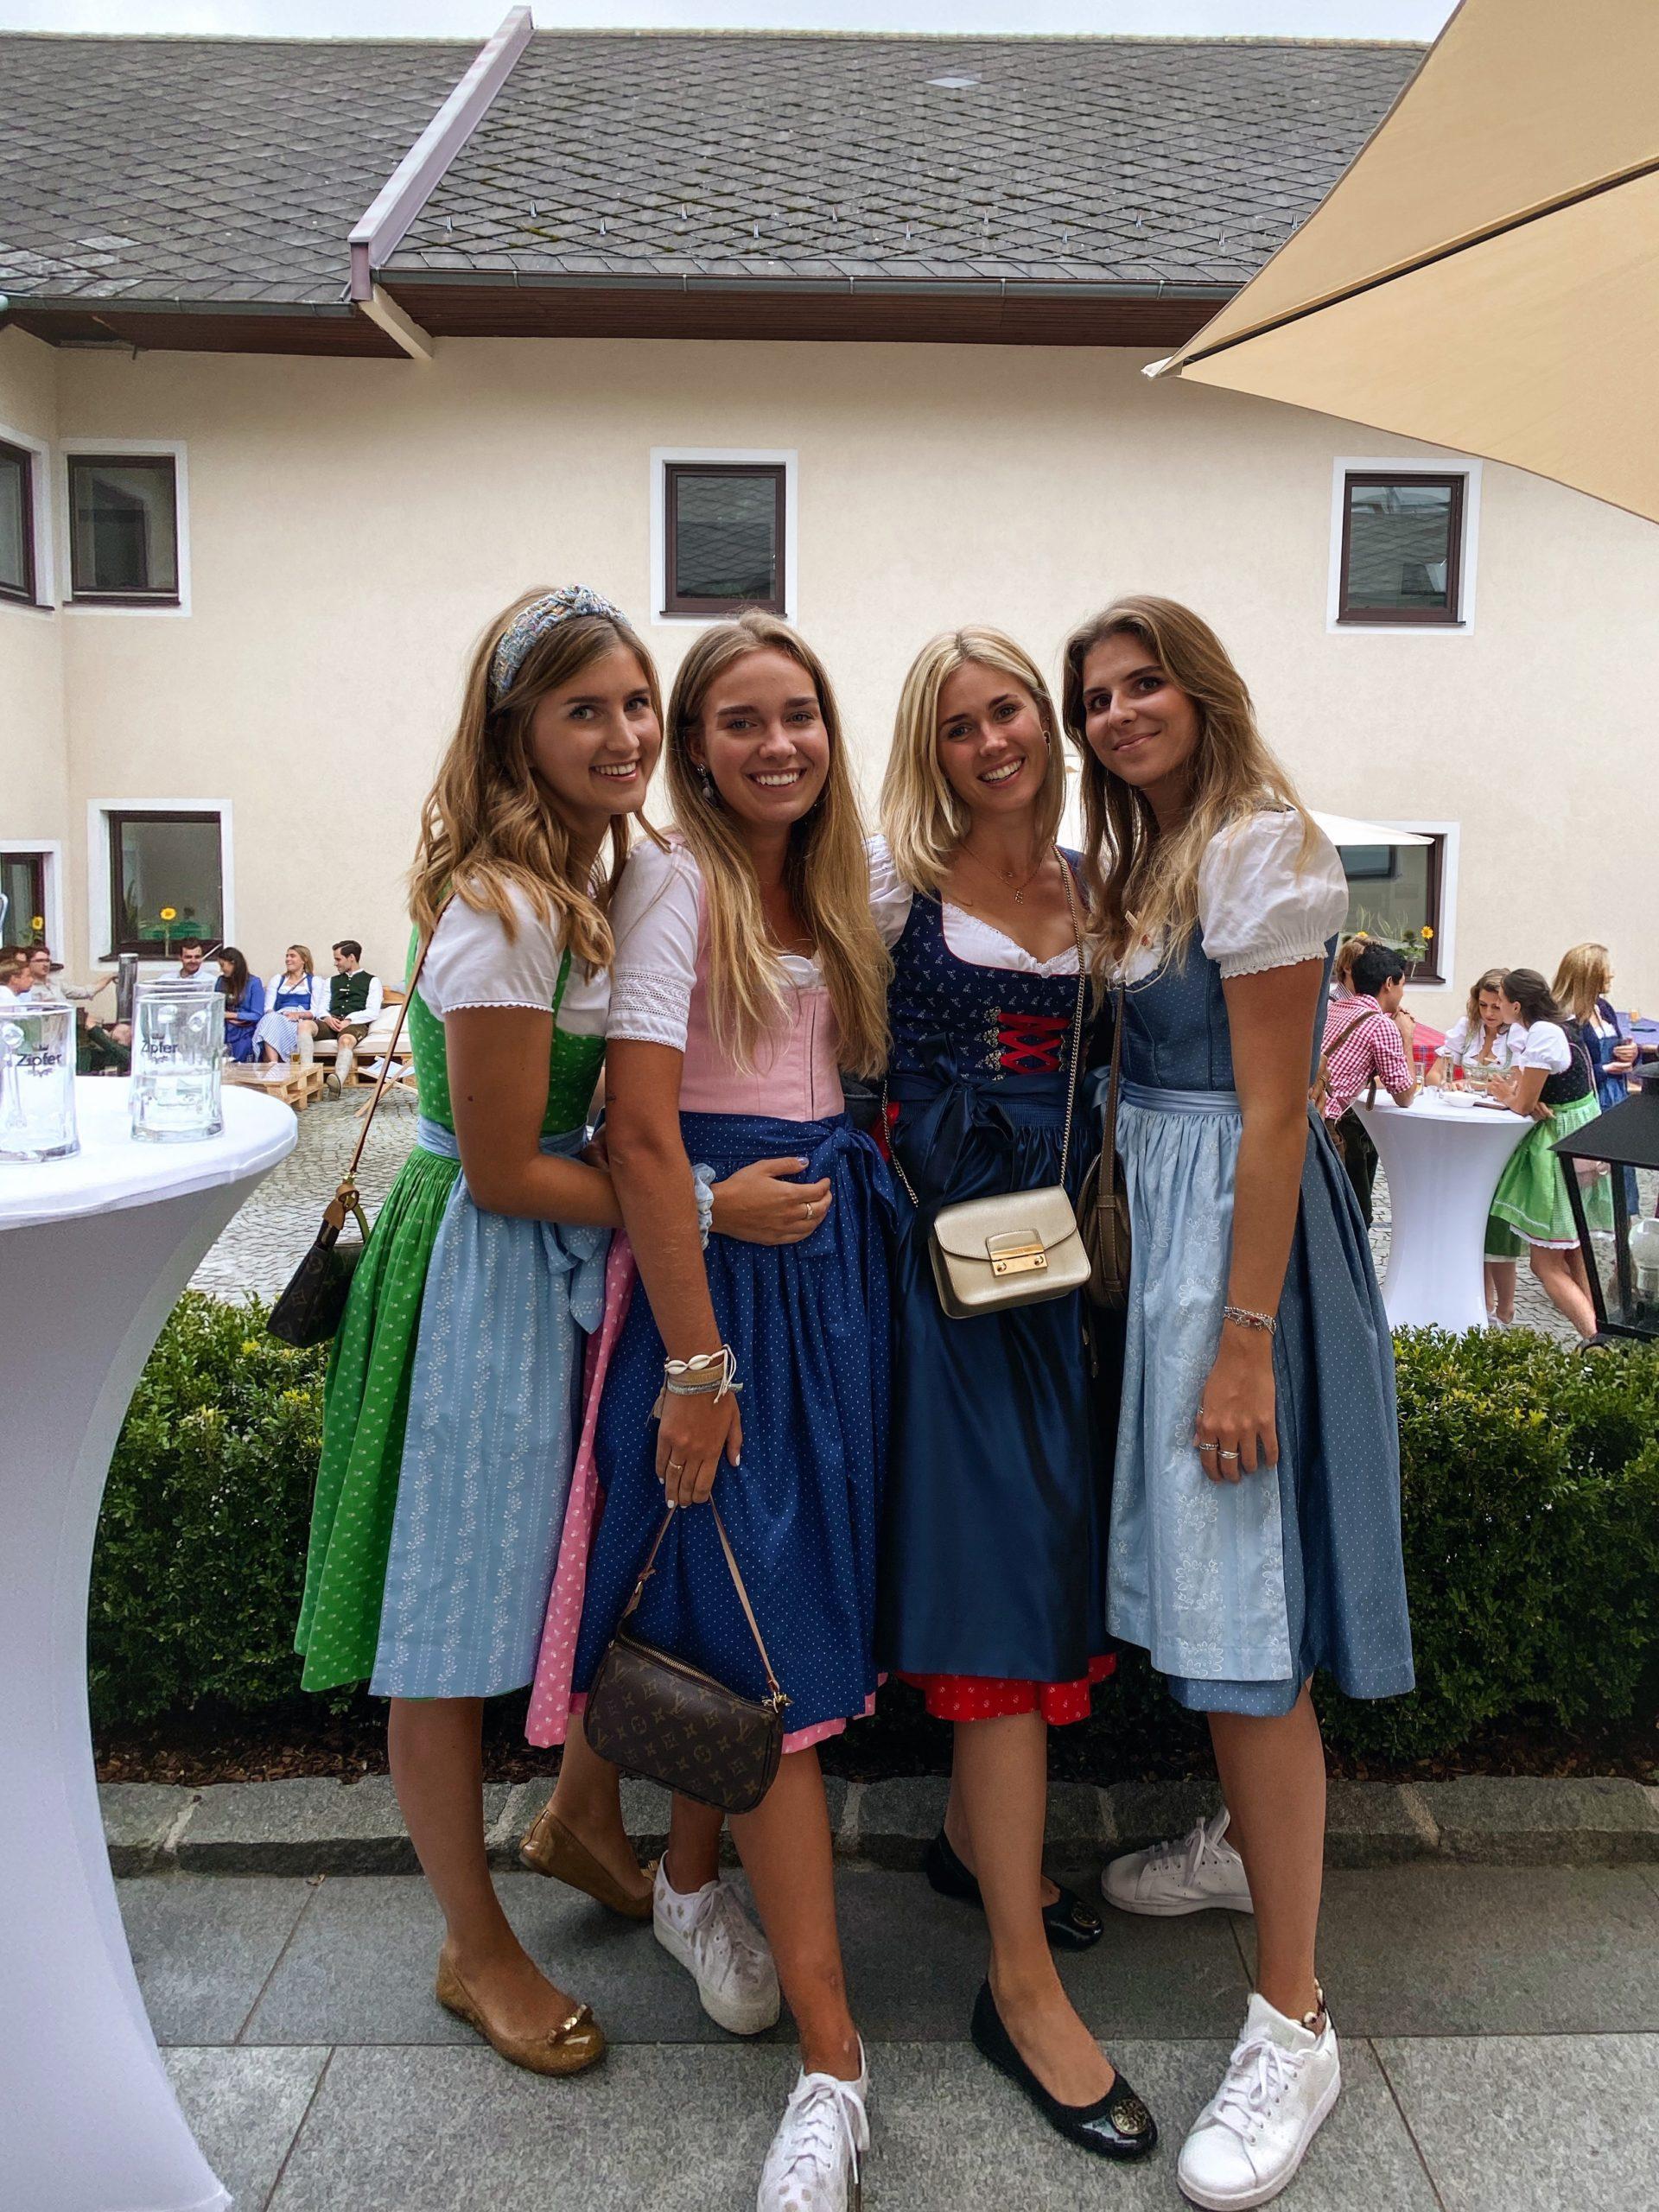 Monday Mornings #36: This Summer is a blur auf dem österreichsichne Lifestyle Blog Bits and Bobs by Eva. Mehr auf bitsandbobsbyeva.com